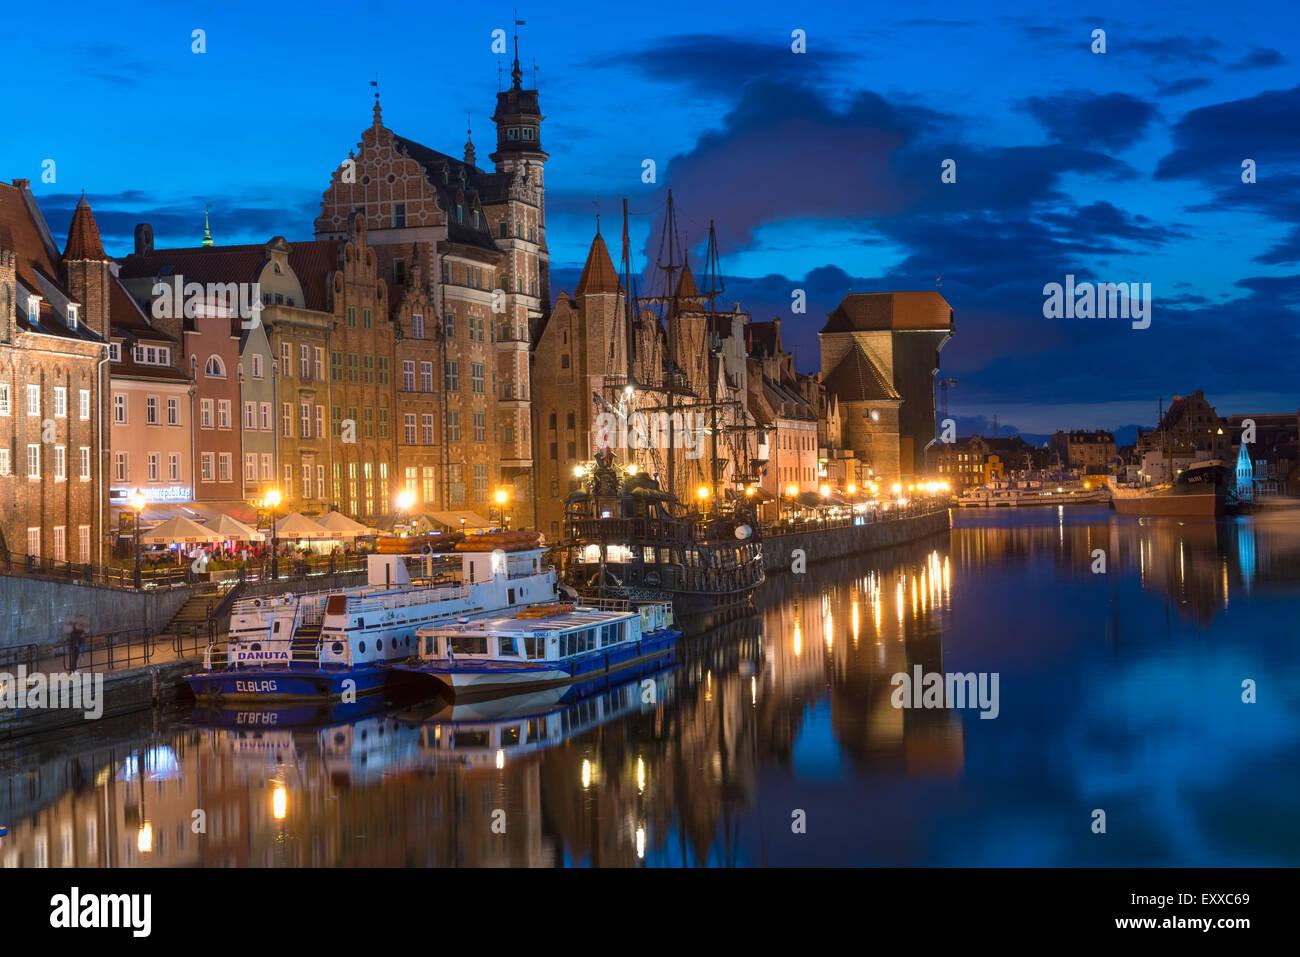 Danzig, Polen - wunderschöne, historische Altstadt von Danzig, Polen am Ufer des Fluss Mottlau in der Nacht Stockbild